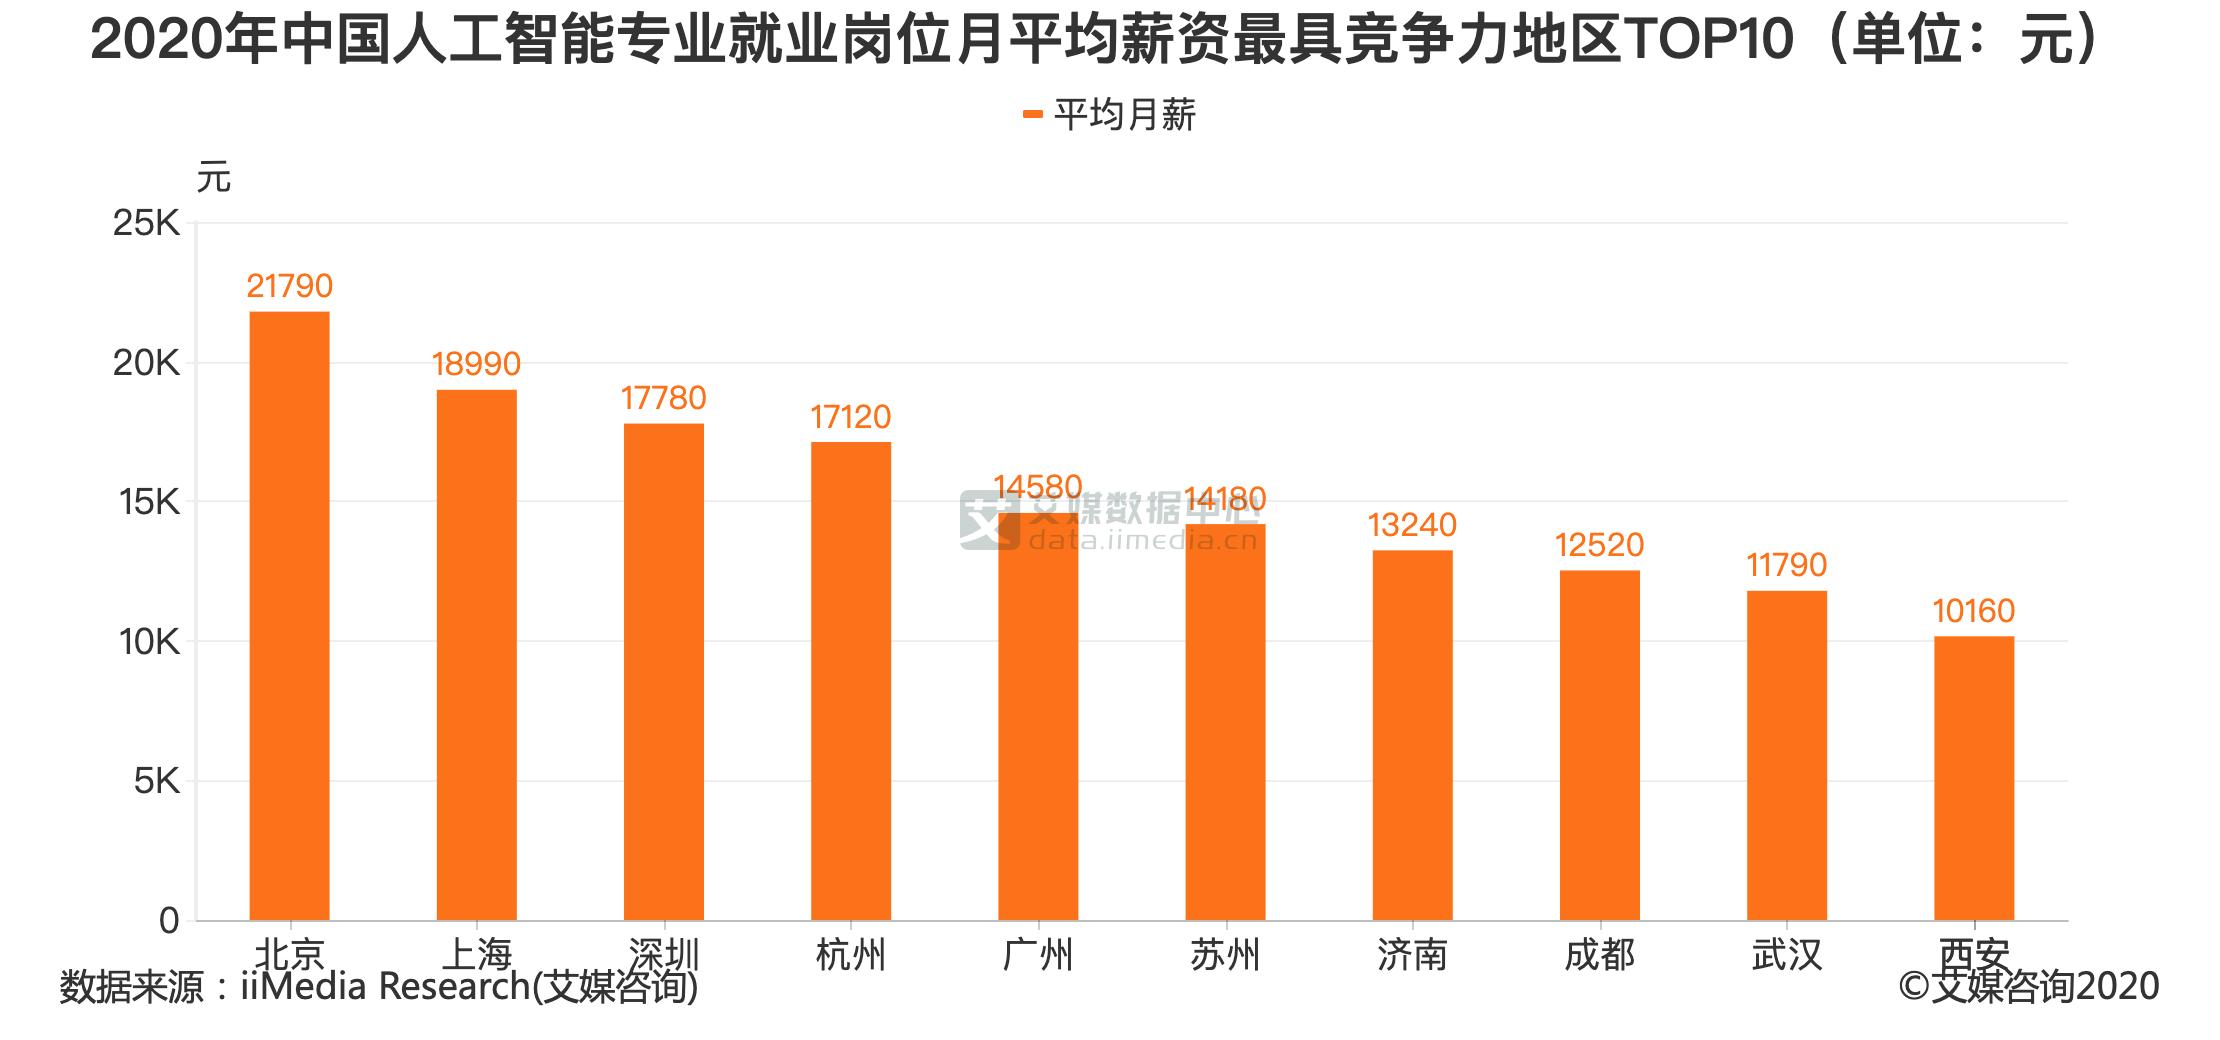 2020年中国人工智能专业就业岗位月平均薪资最具竞争力地区TOP10(单位:元)